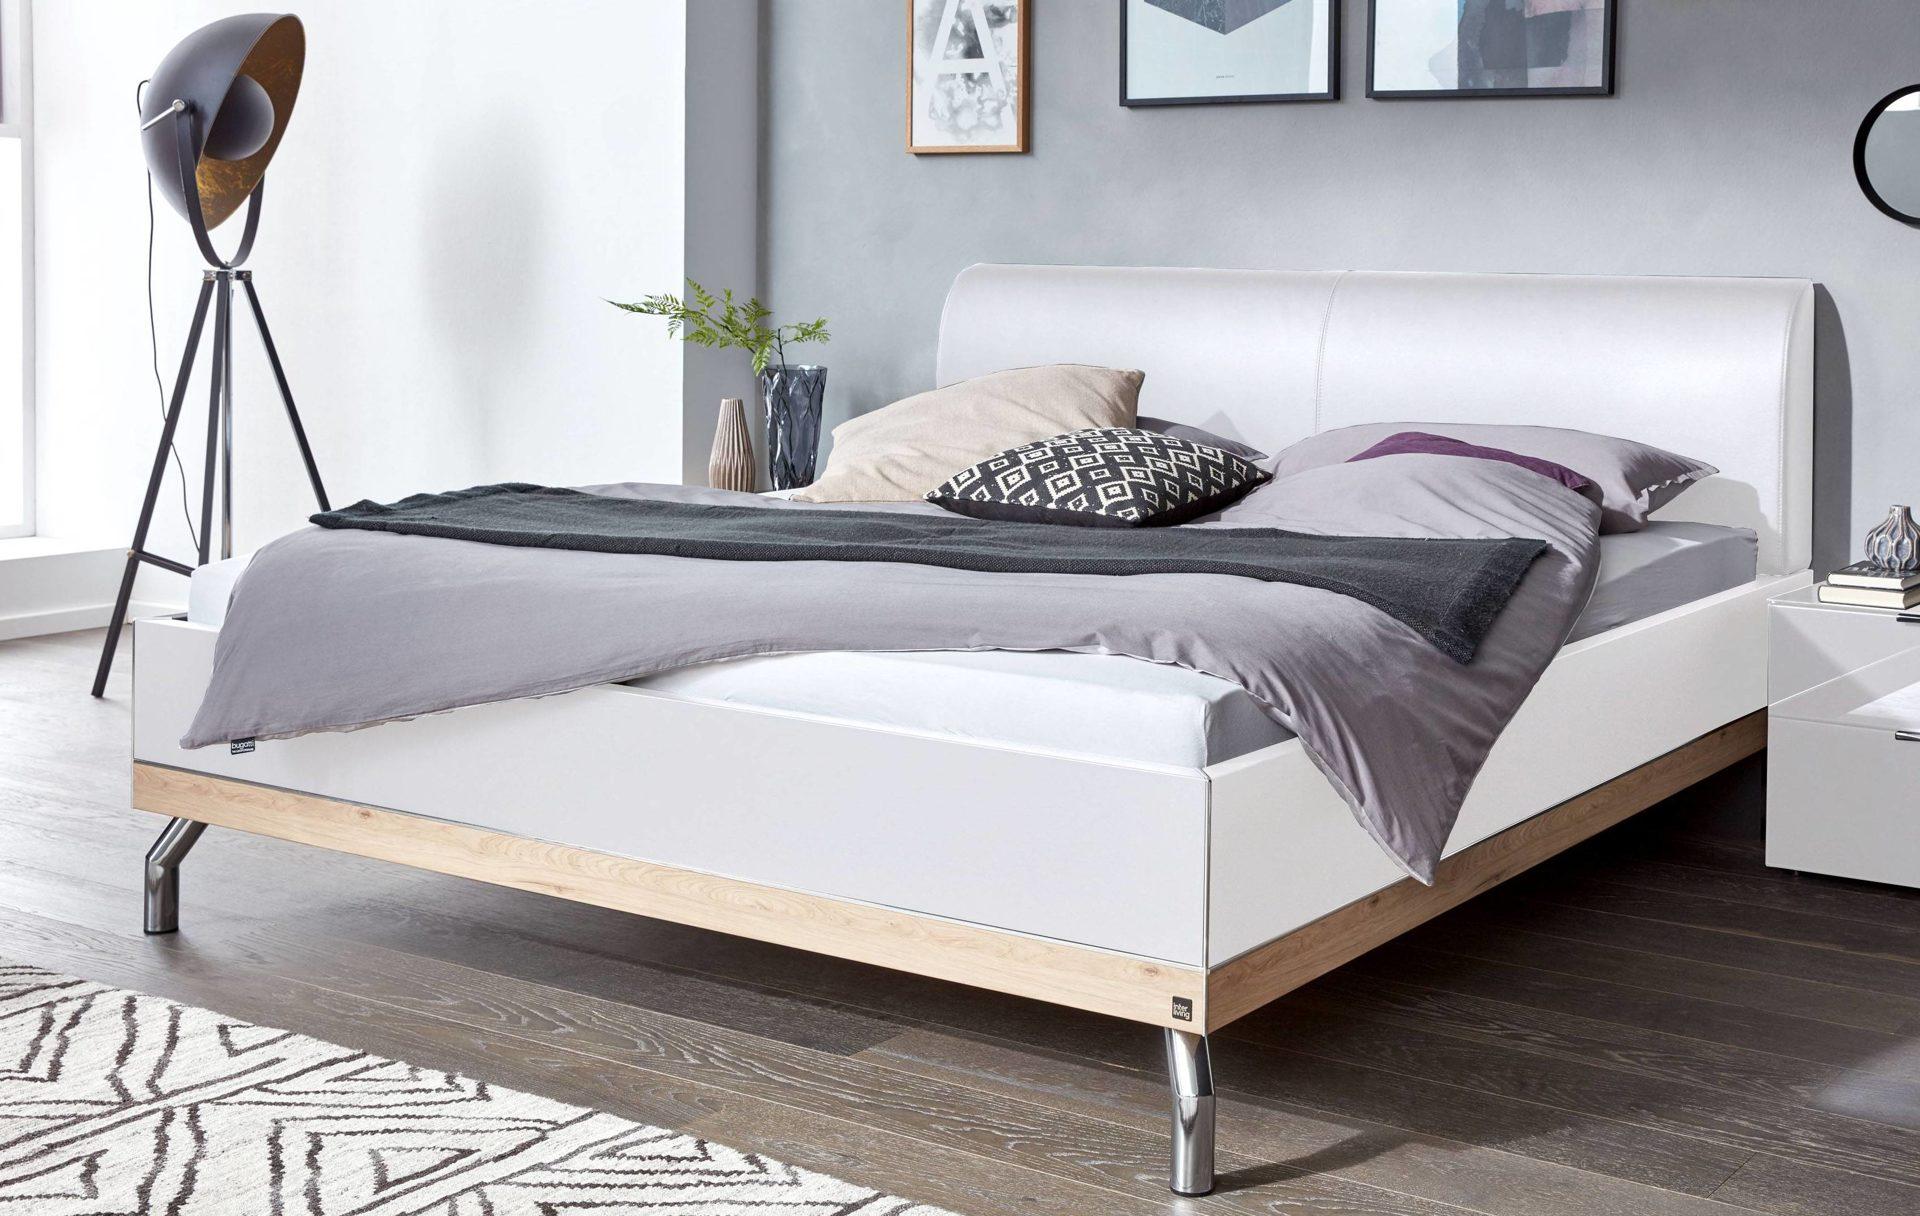 Interliving Schlafzimmer Serie 1010 – Doppelbettgestell, polarweiße &  Jackson eichefarbene Kunststoffoberflächen, weißes Ku